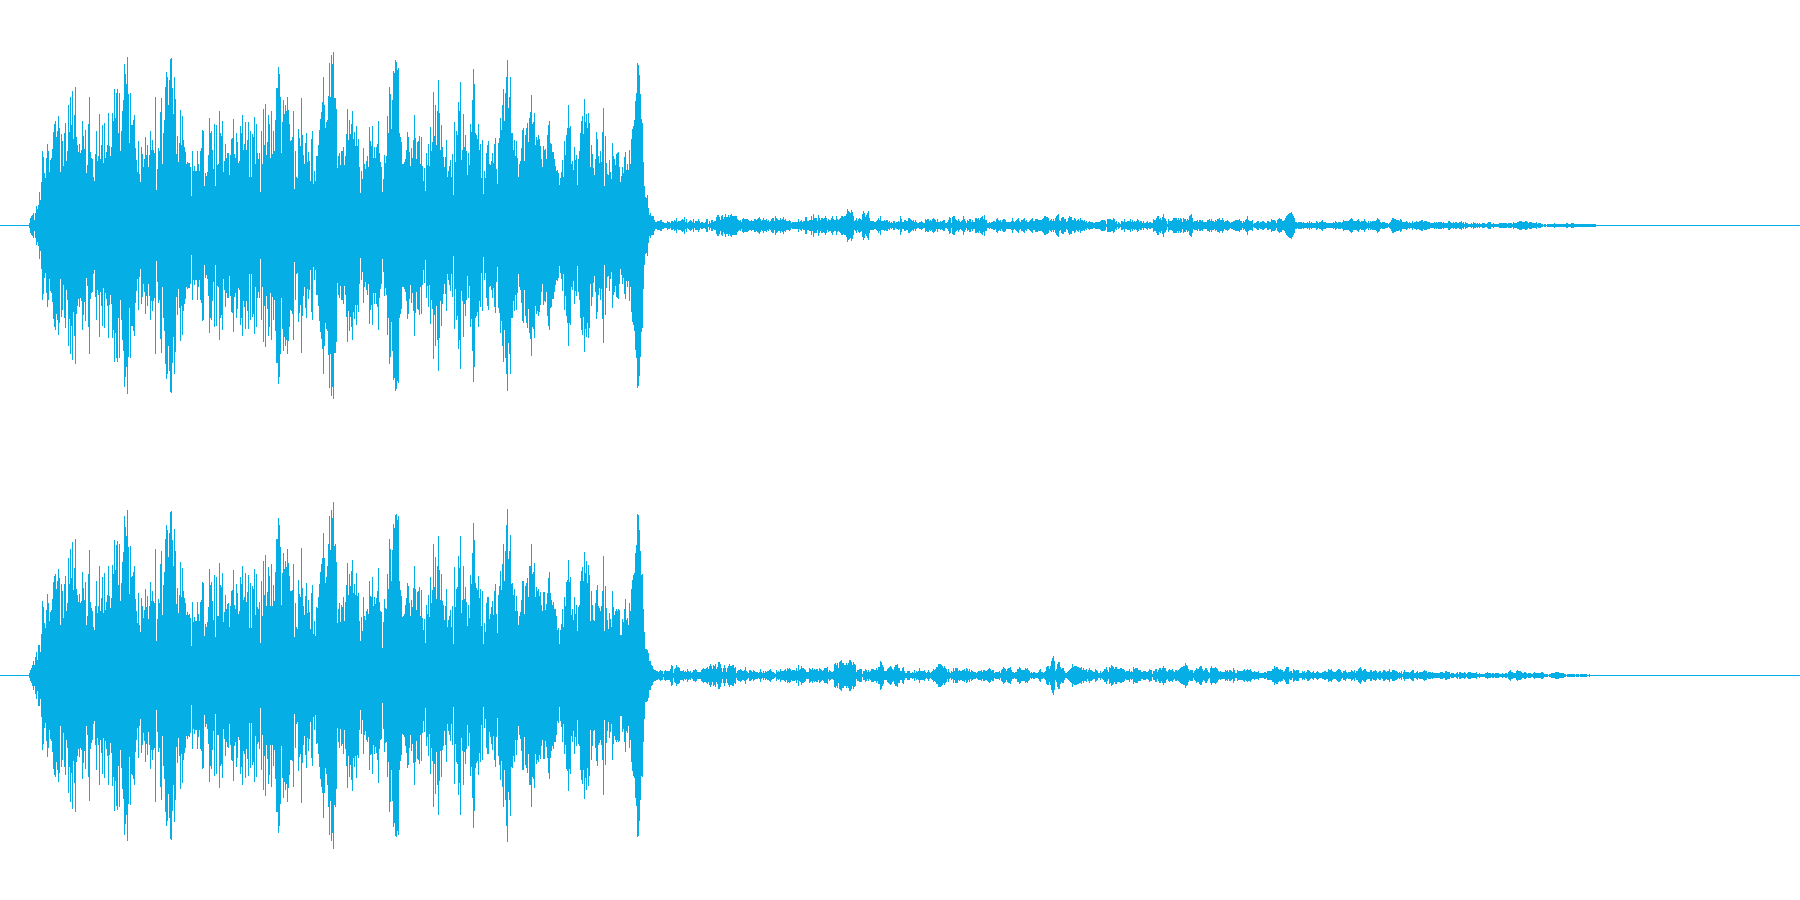 キュワッ(動物もしくは摩擦の声)の再生済みの波形